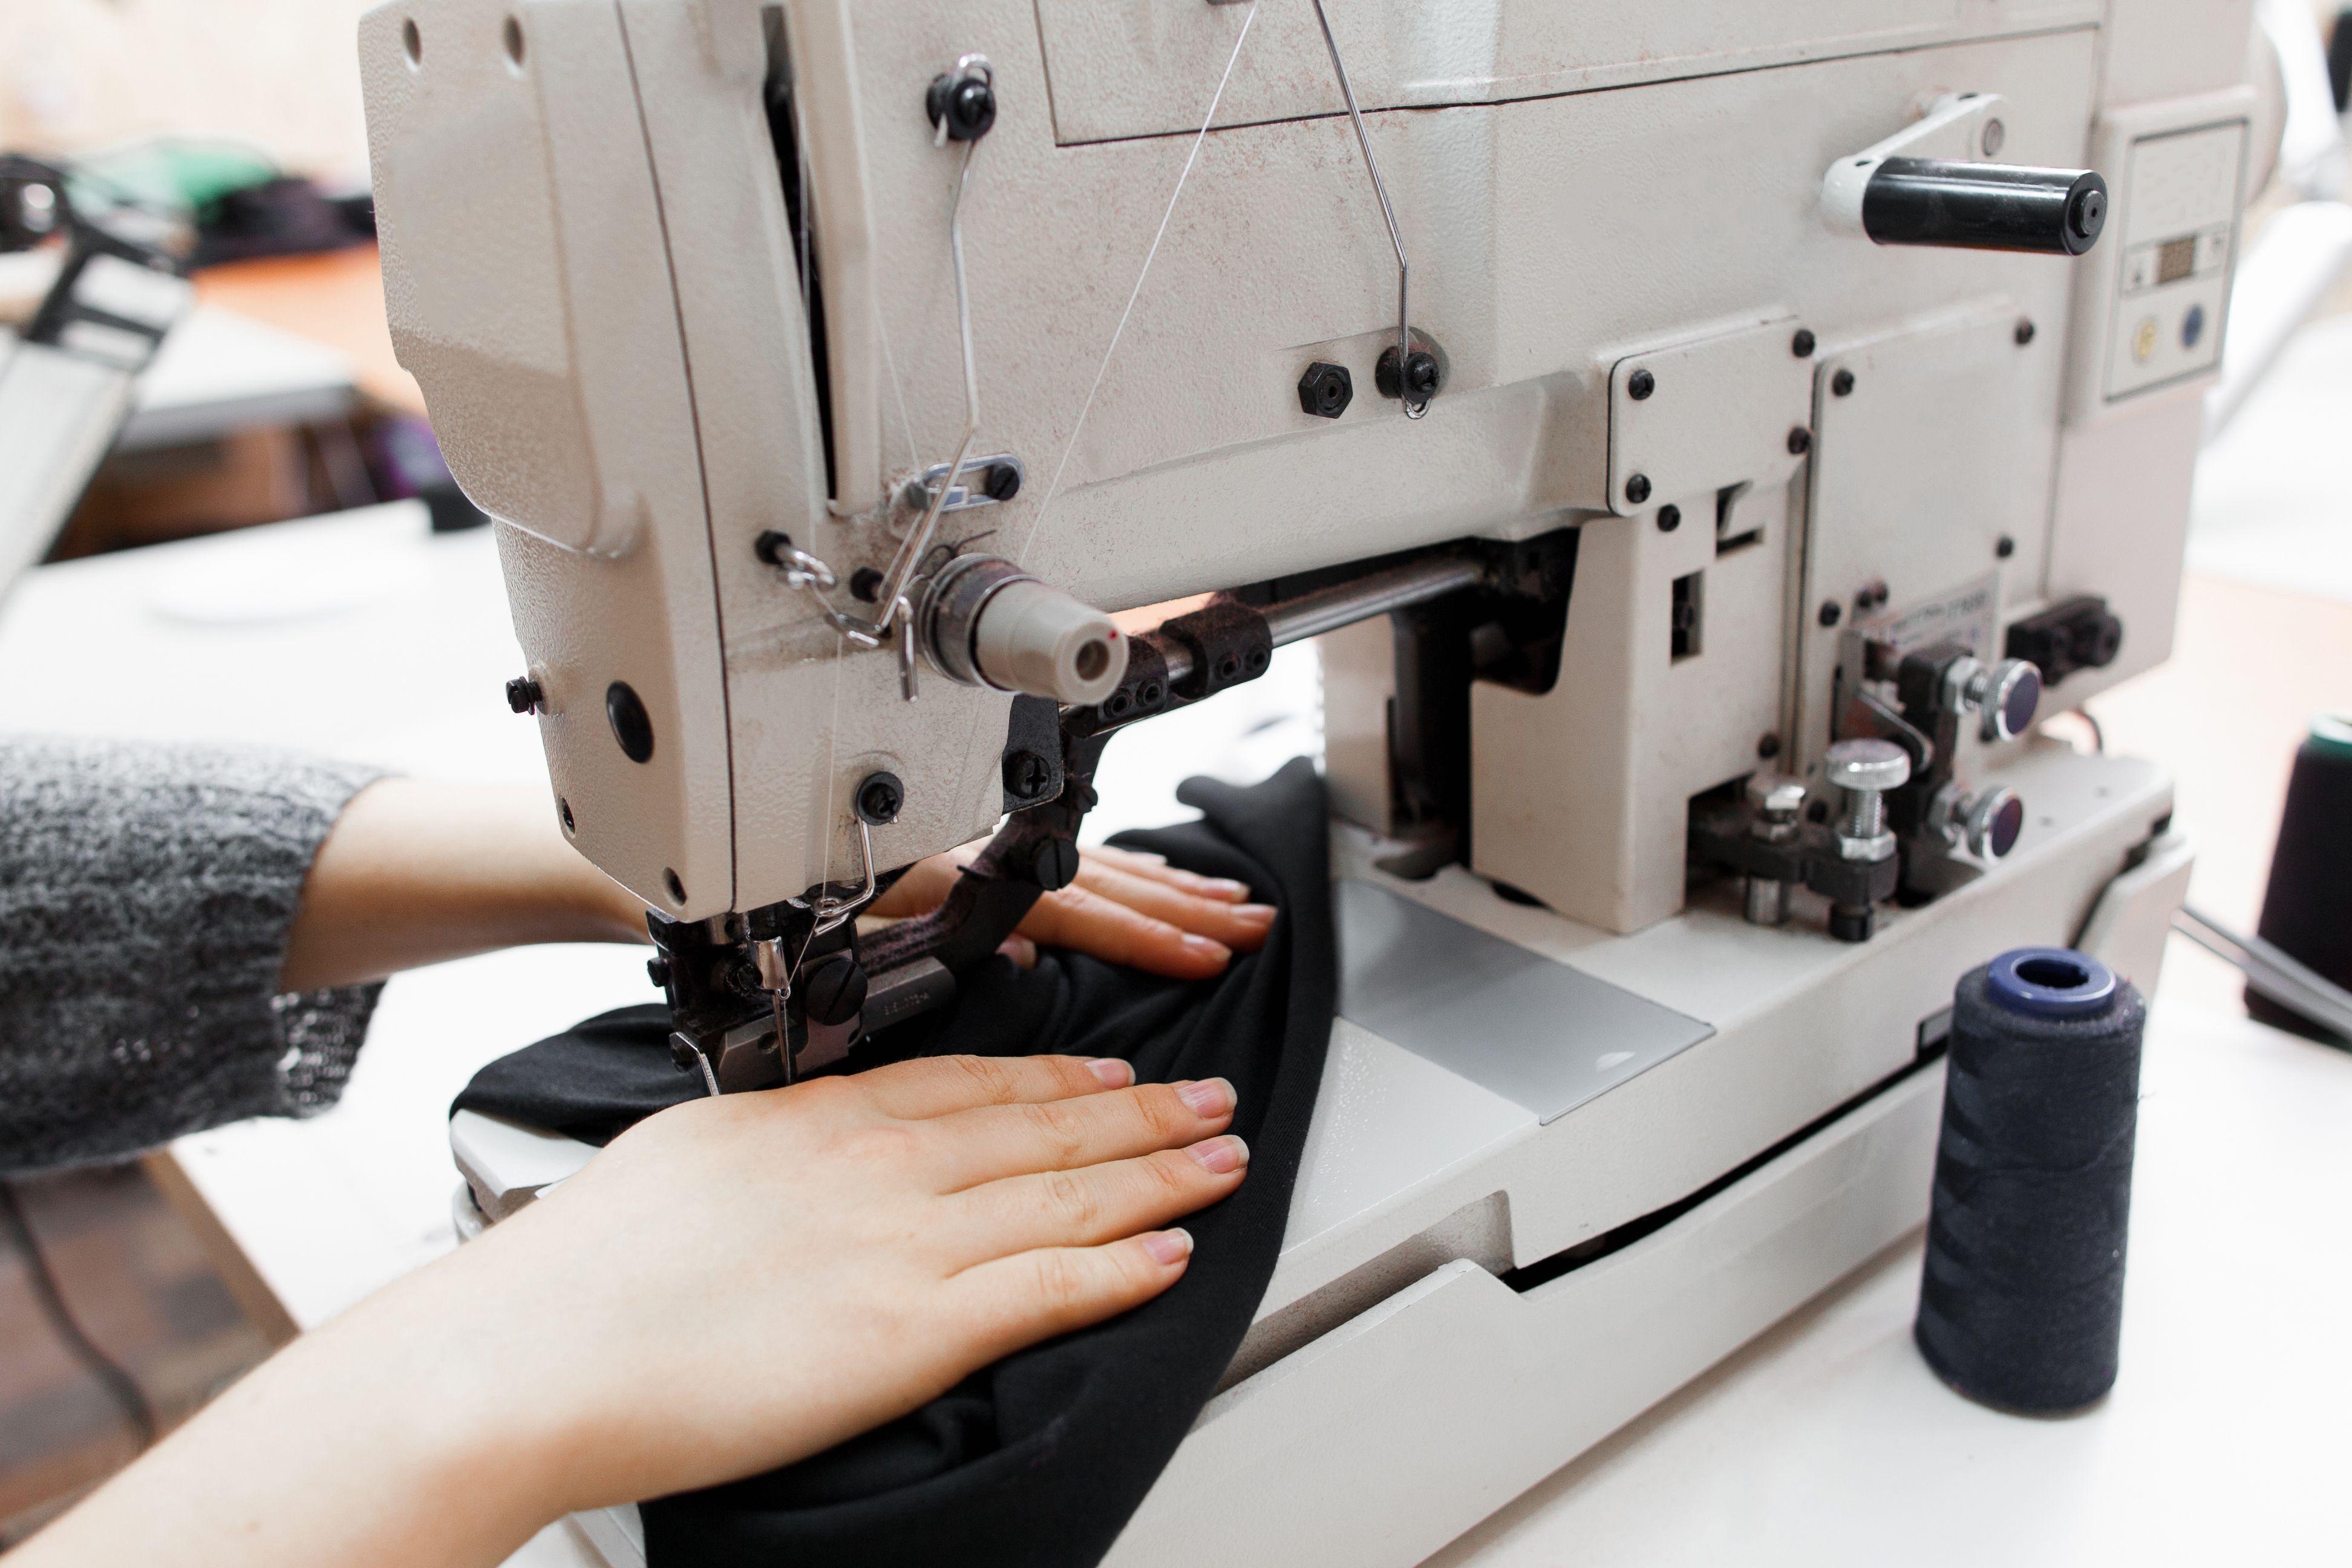 Venta y reparación de máquinas de coser en Badalona